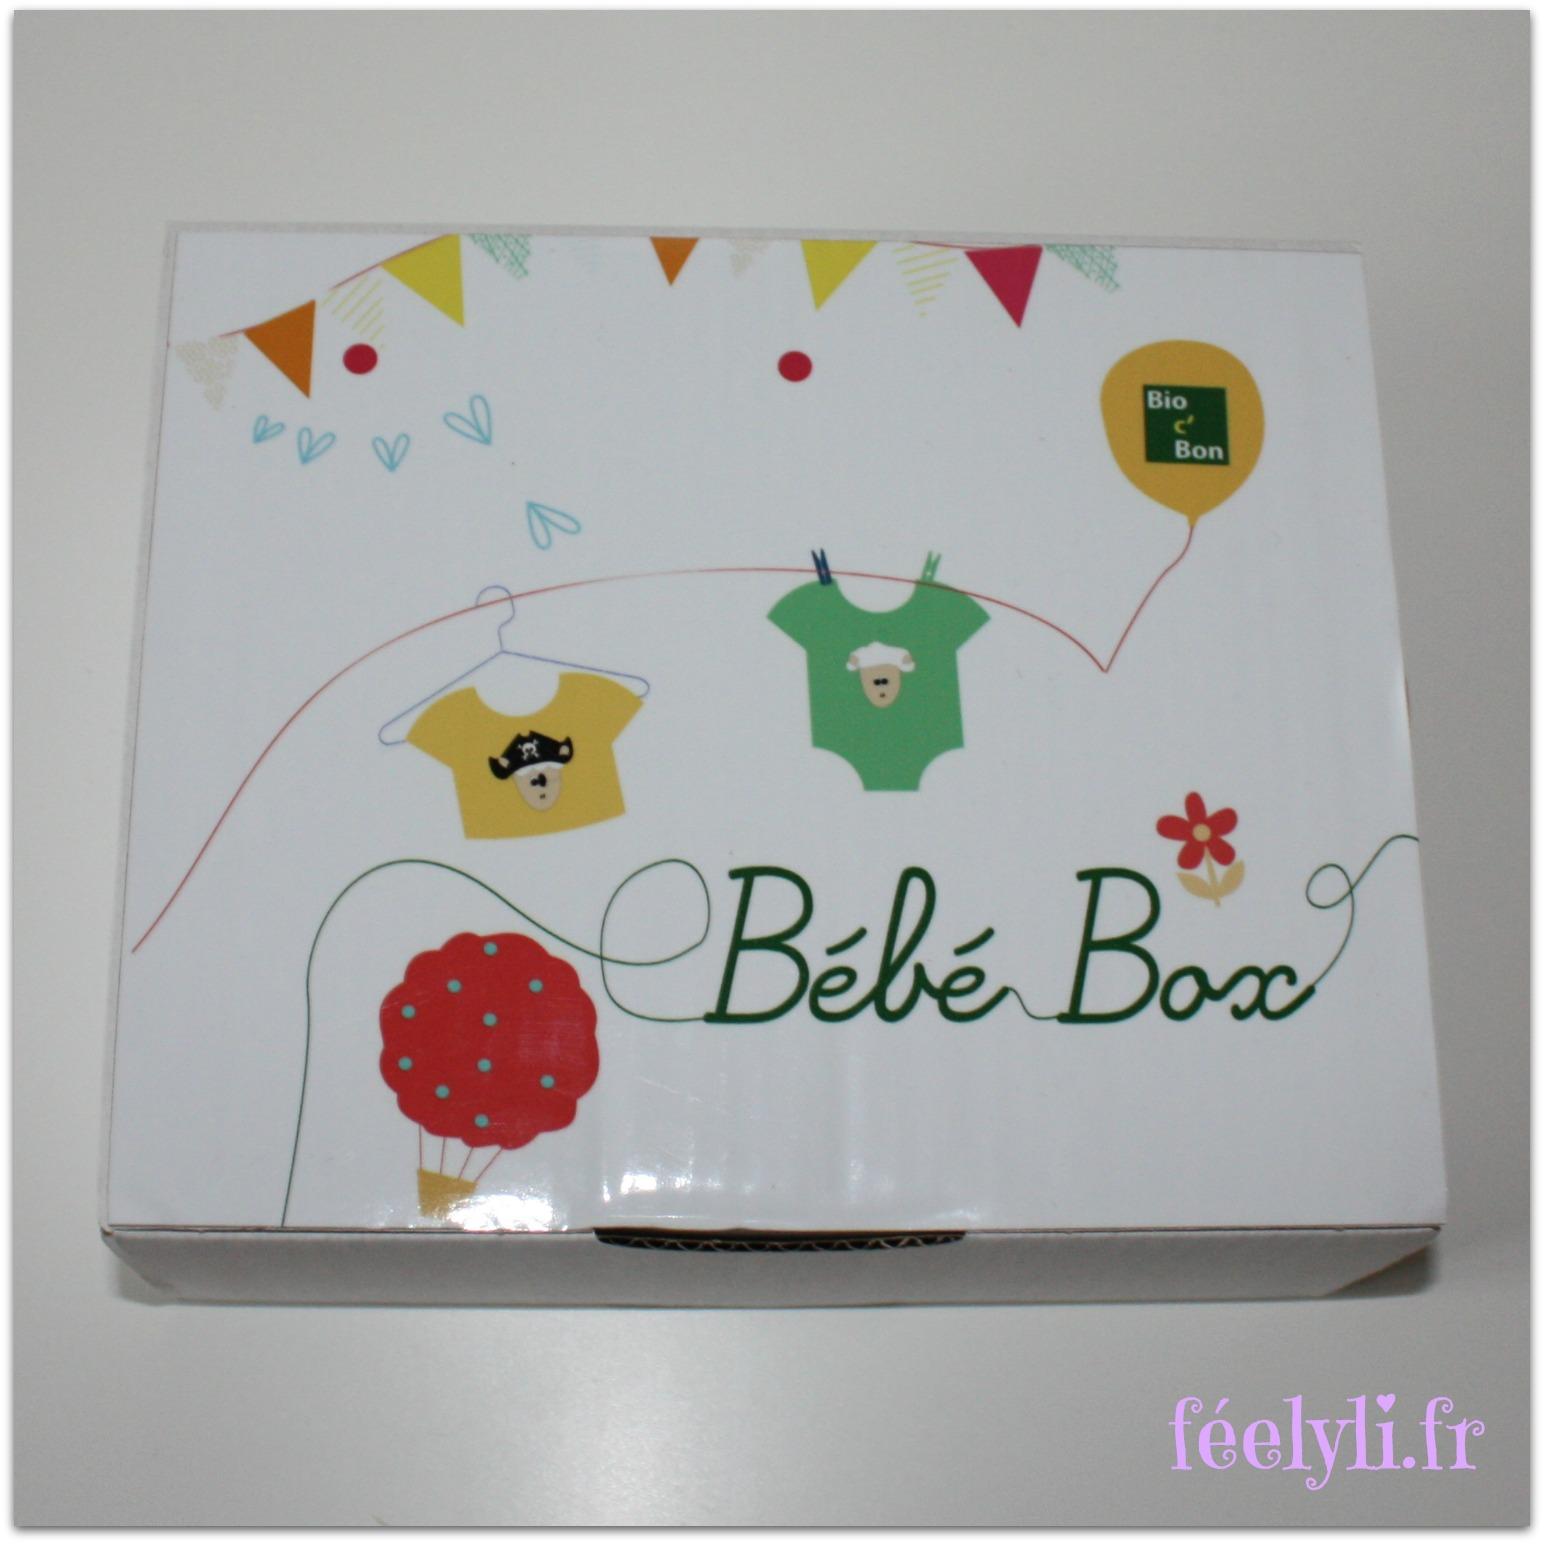 bebe box bio c bon